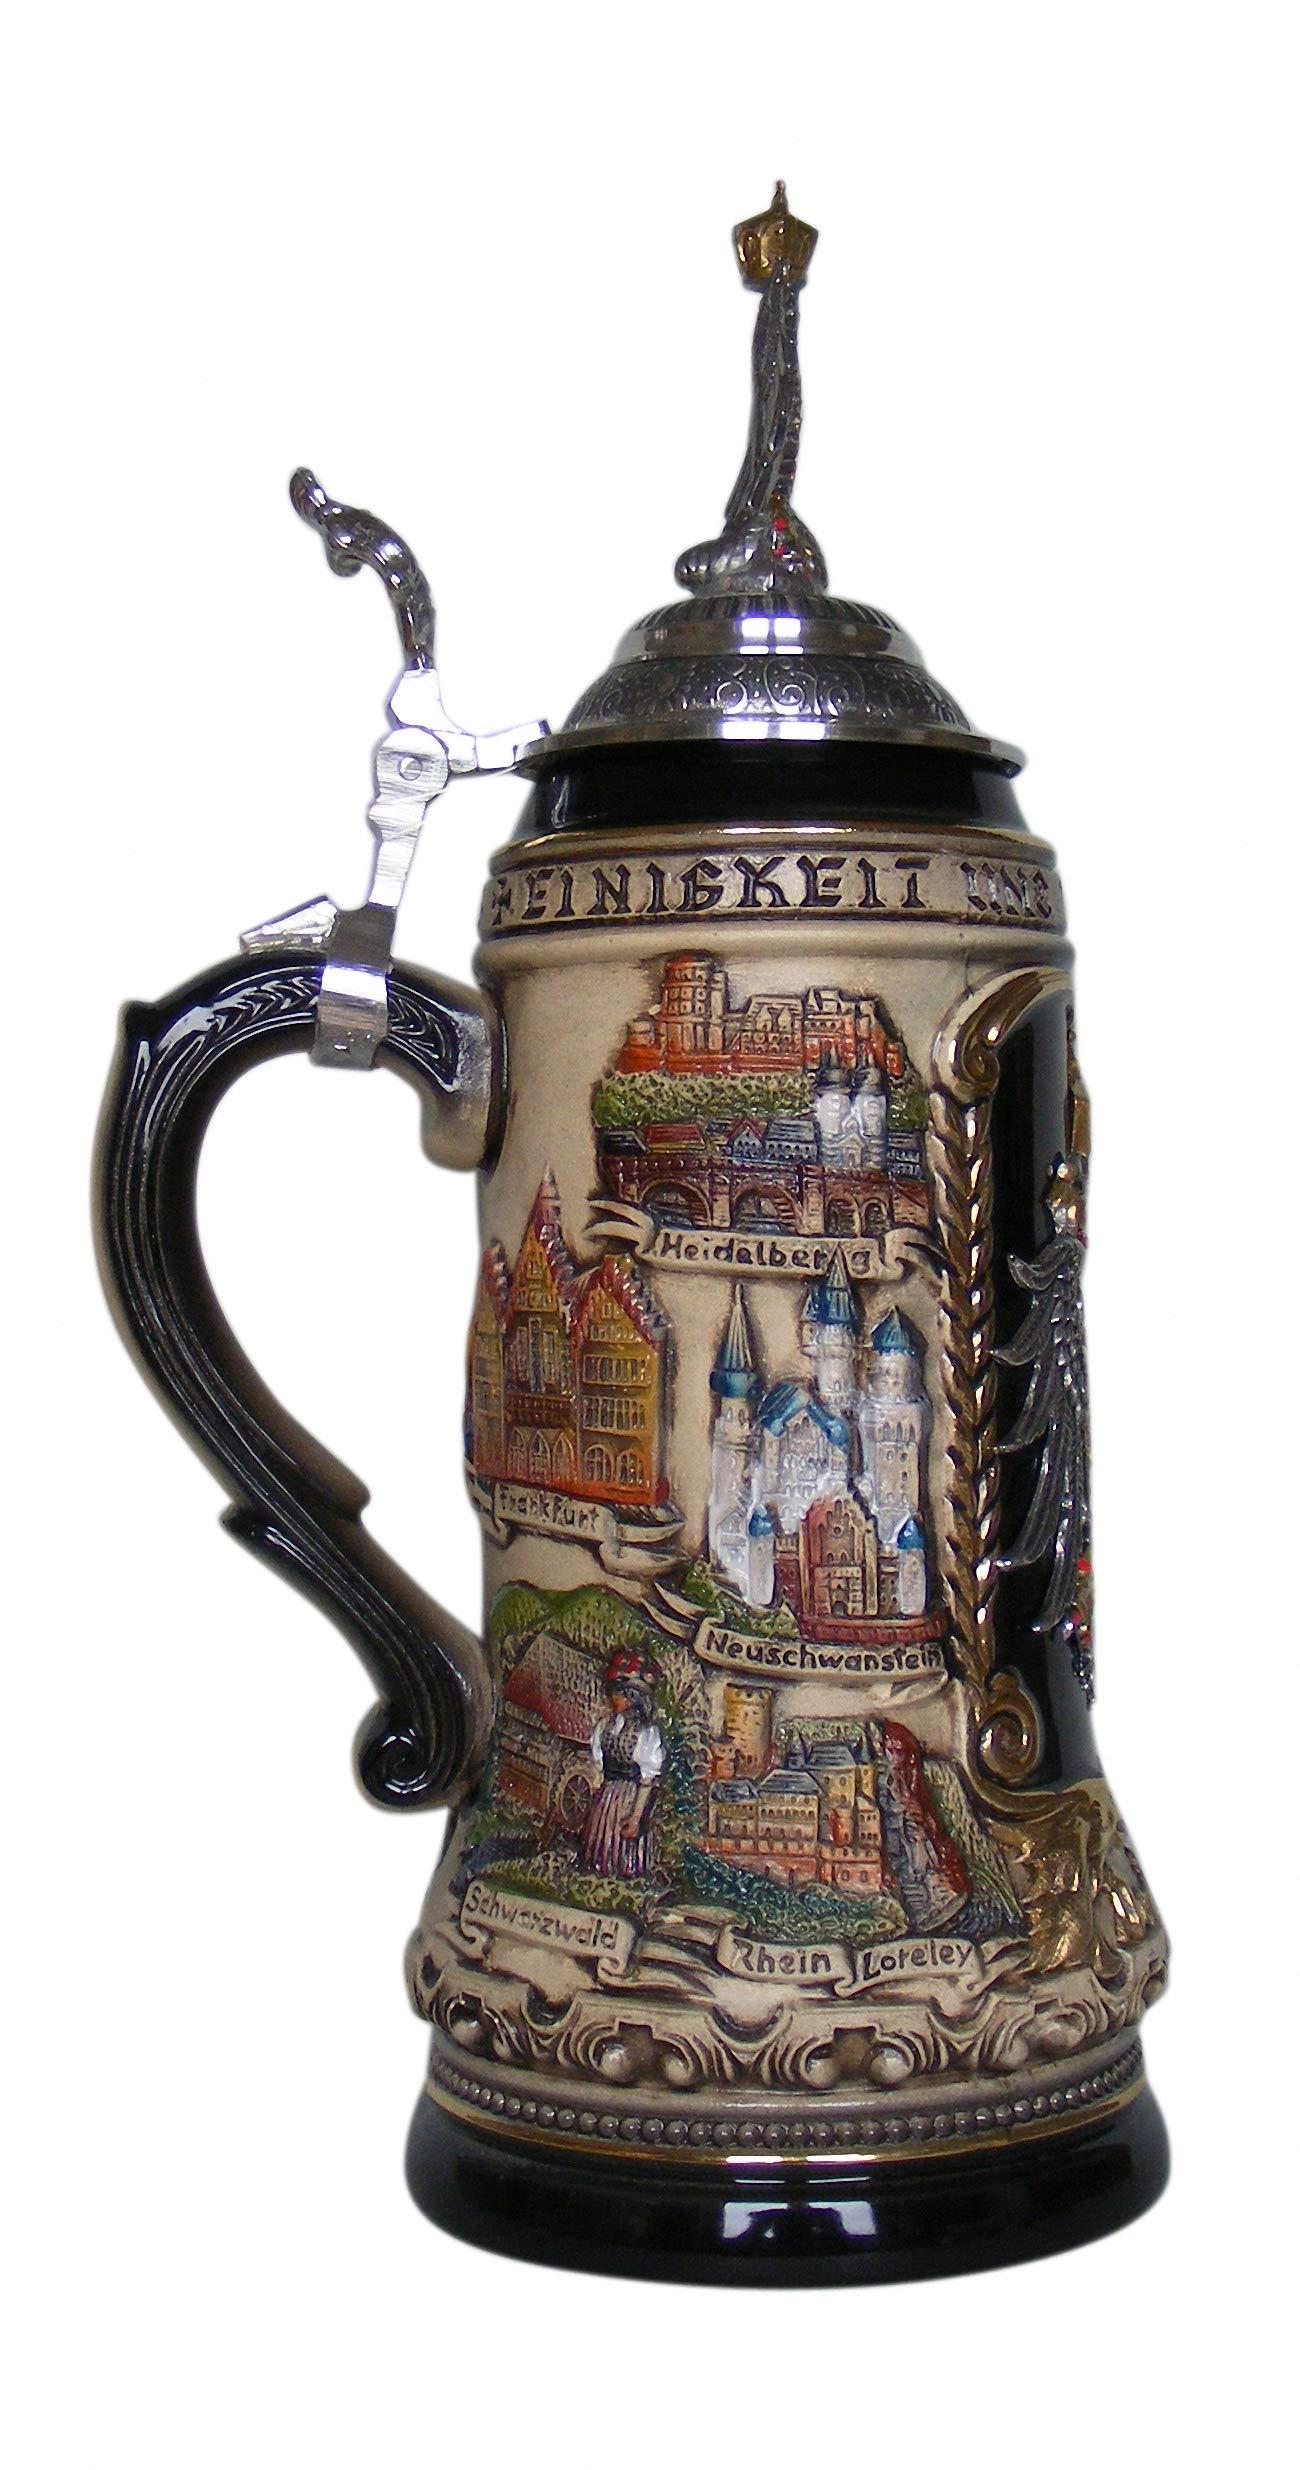 German Beer Stein cities 1 liter tankard, beer mug ZO 1424/9009 by Zöller & Born (Image #2)